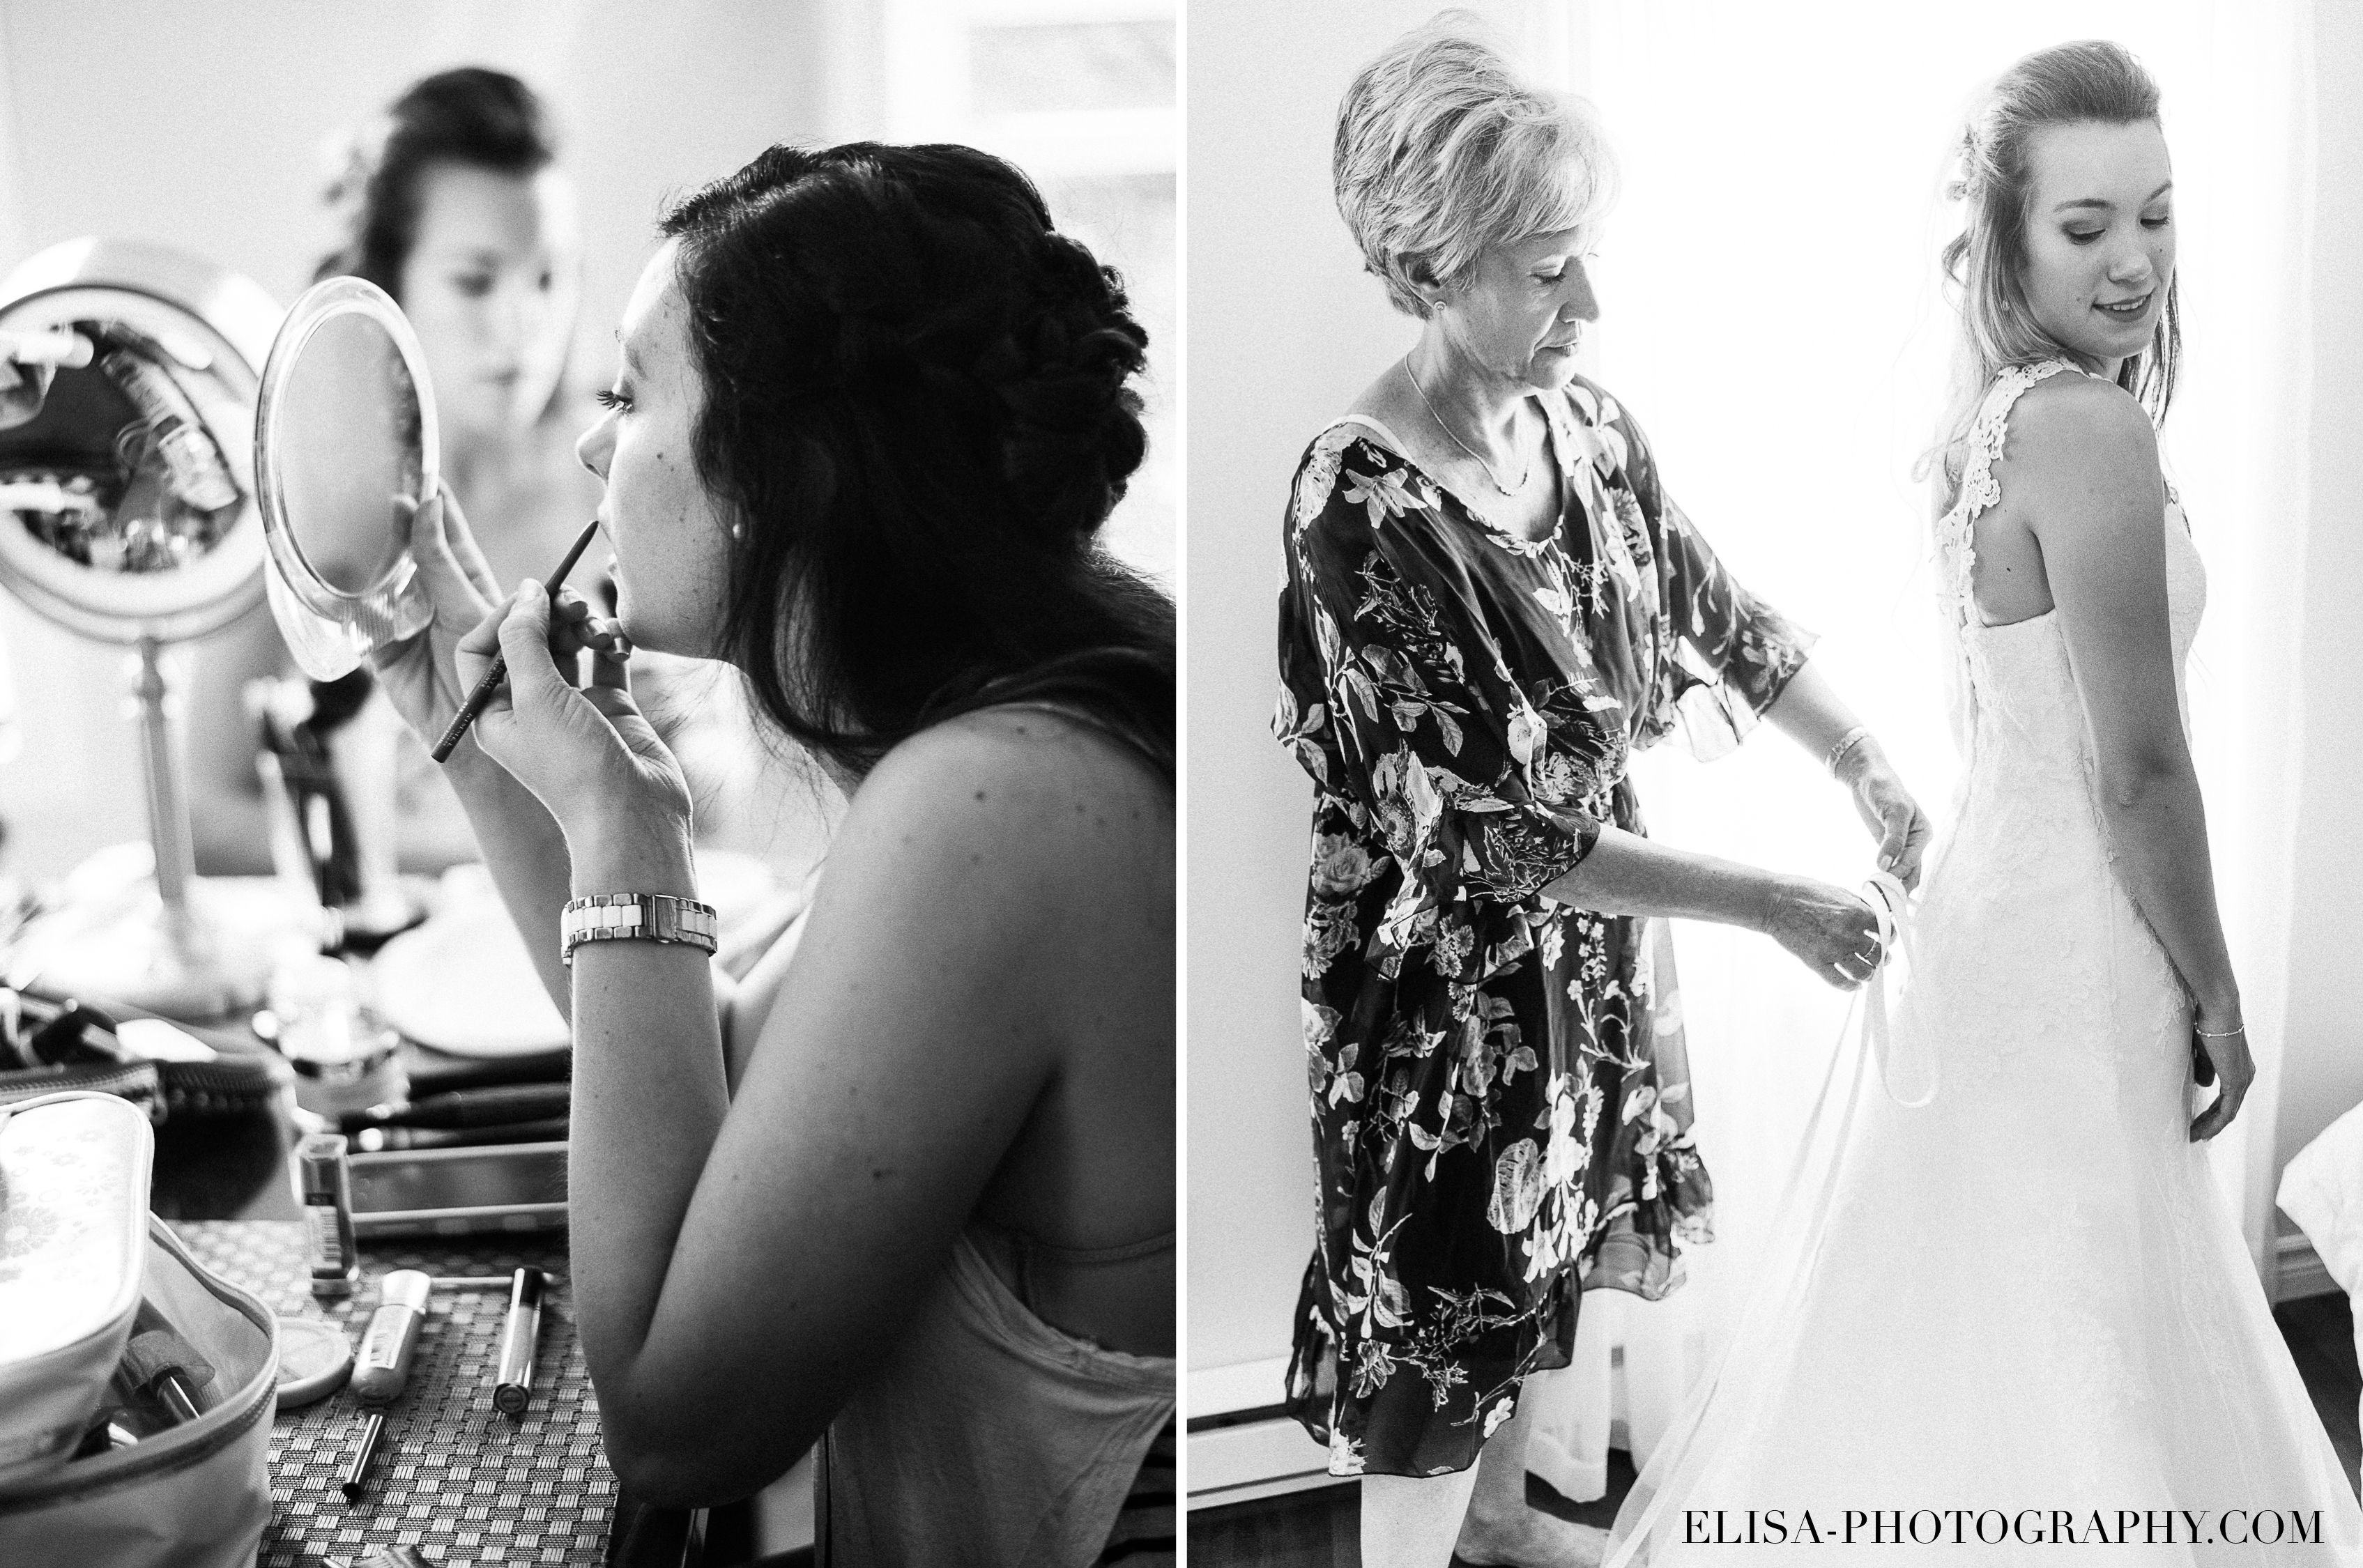 photo mariage grange rouge quebec preparatifs maman mariee robe maquillage - Mariage coloré à la grange rouge de Brompton